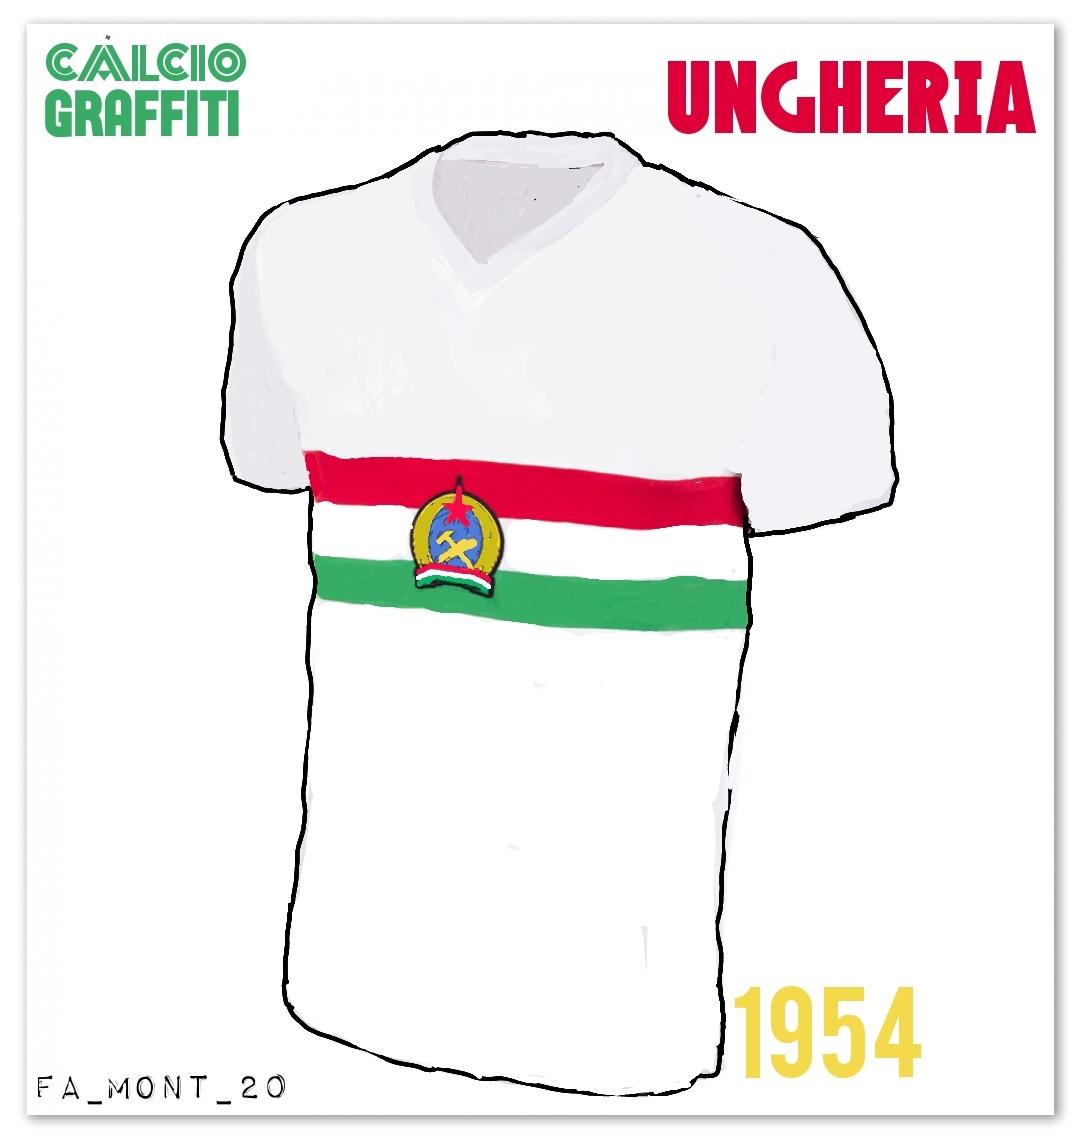 UNGHERIA 1954